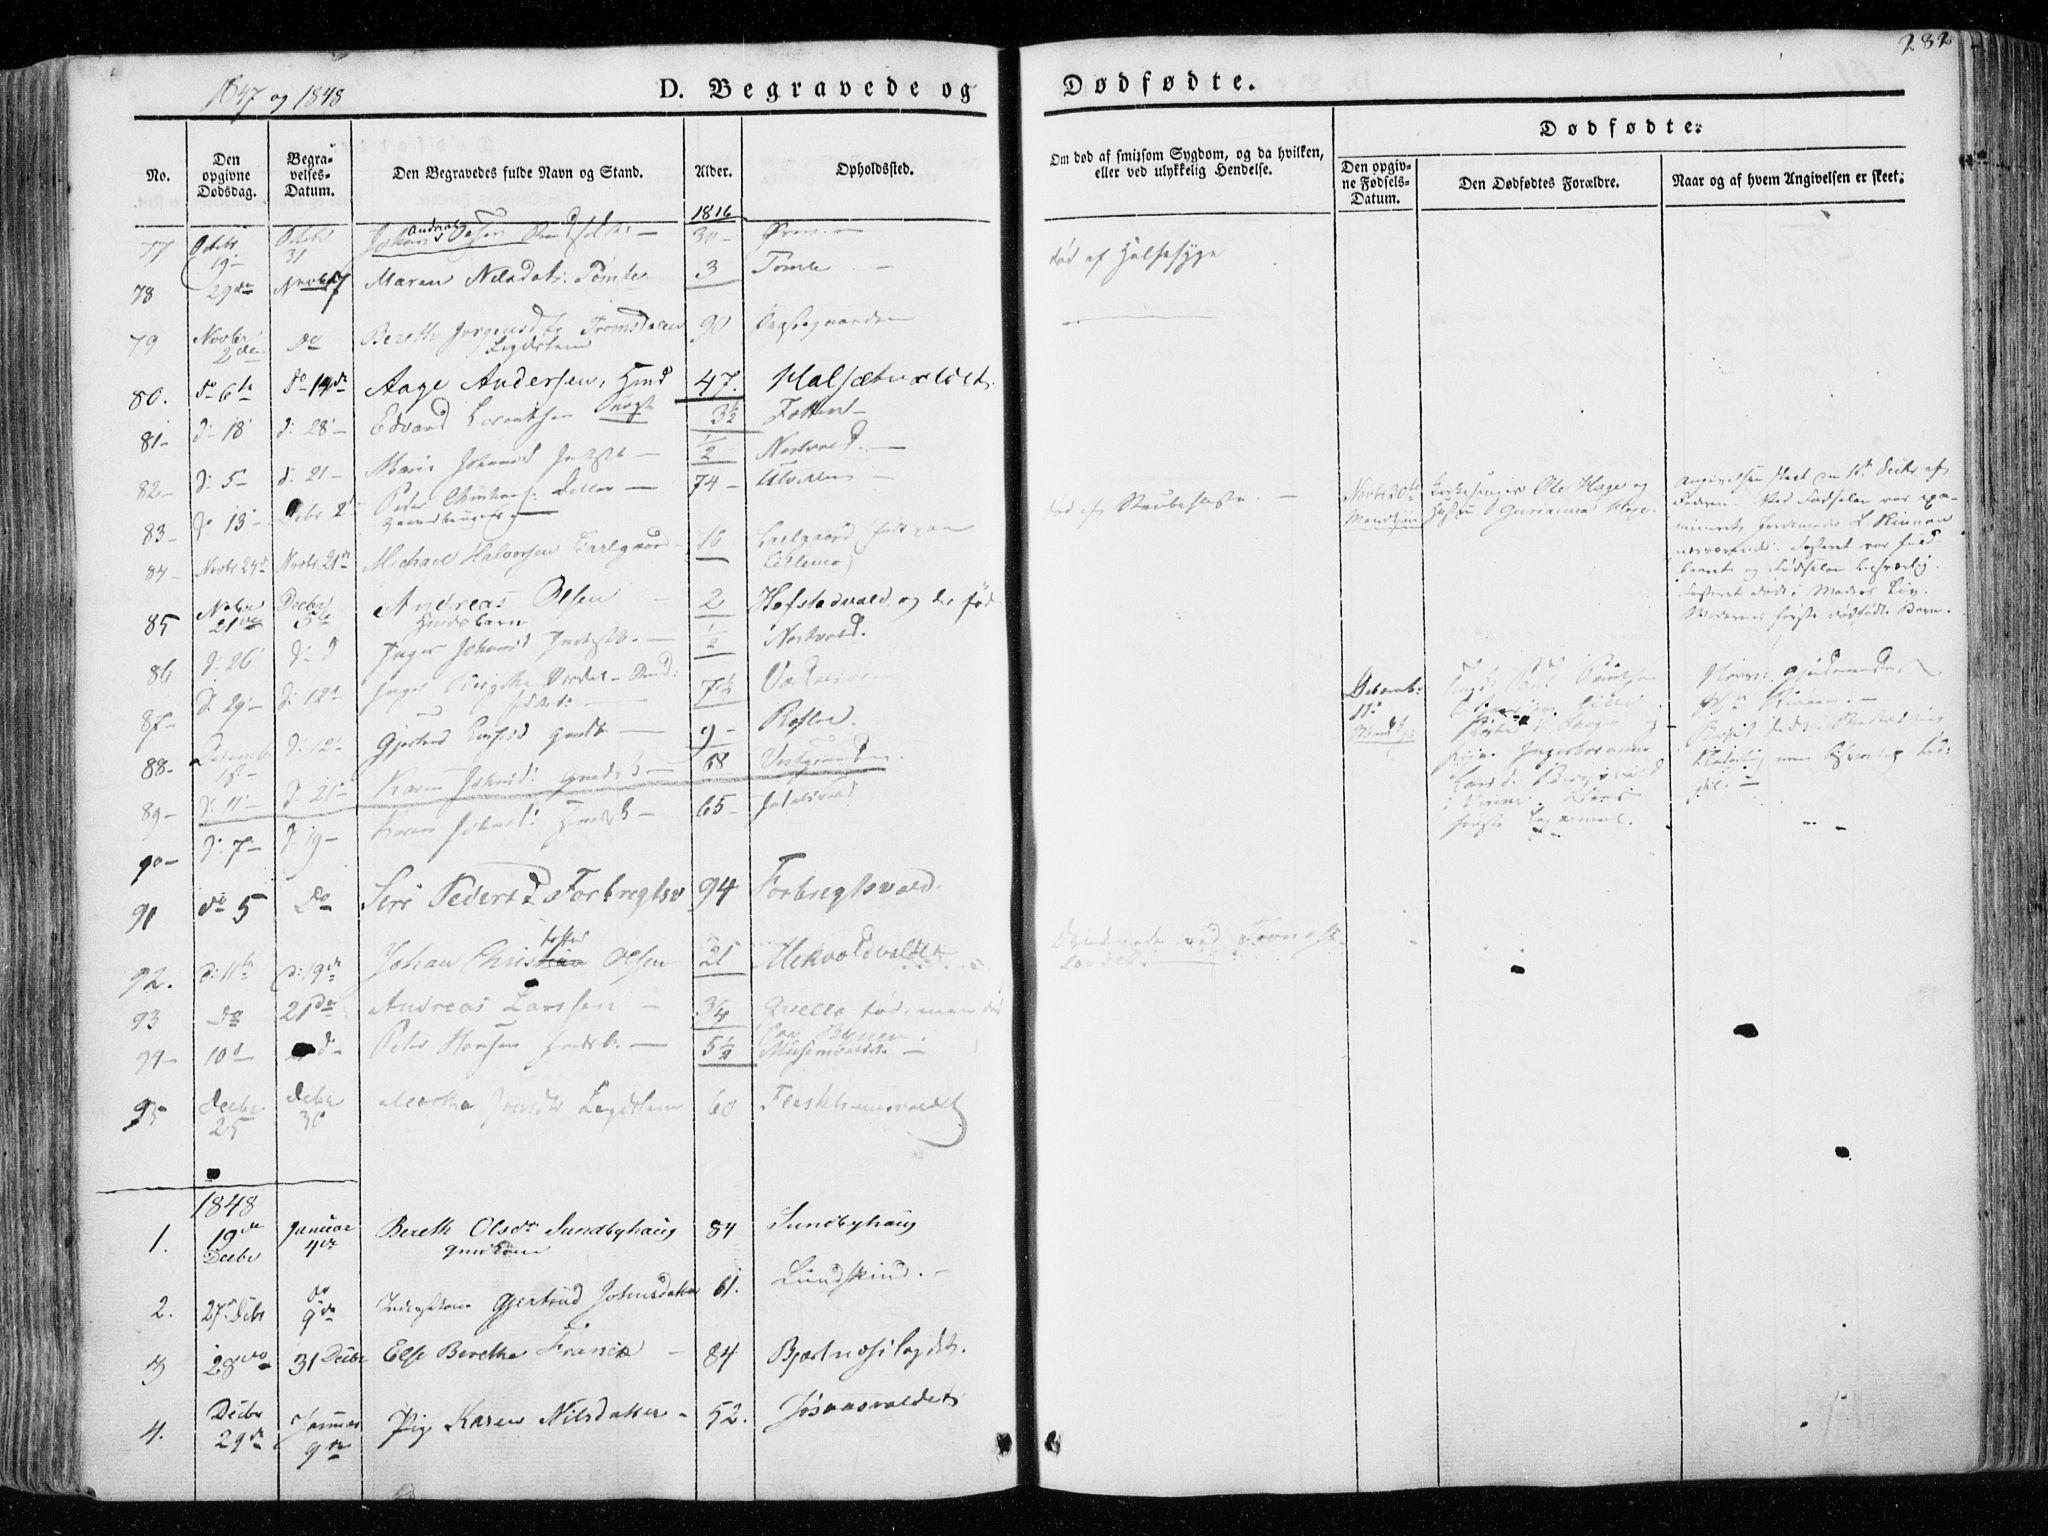 SAT, Ministerialprotokoller, klokkerbøker og fødselsregistre - Nord-Trøndelag, 723/L0239: Ministerialbok nr. 723A08, 1841-1851, s. 282